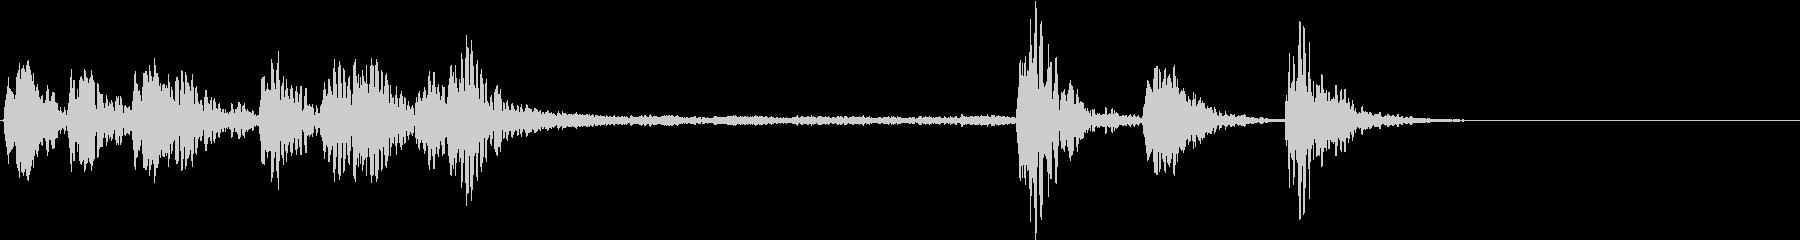 相撲風の短い太鼓のリズムの未再生の波形